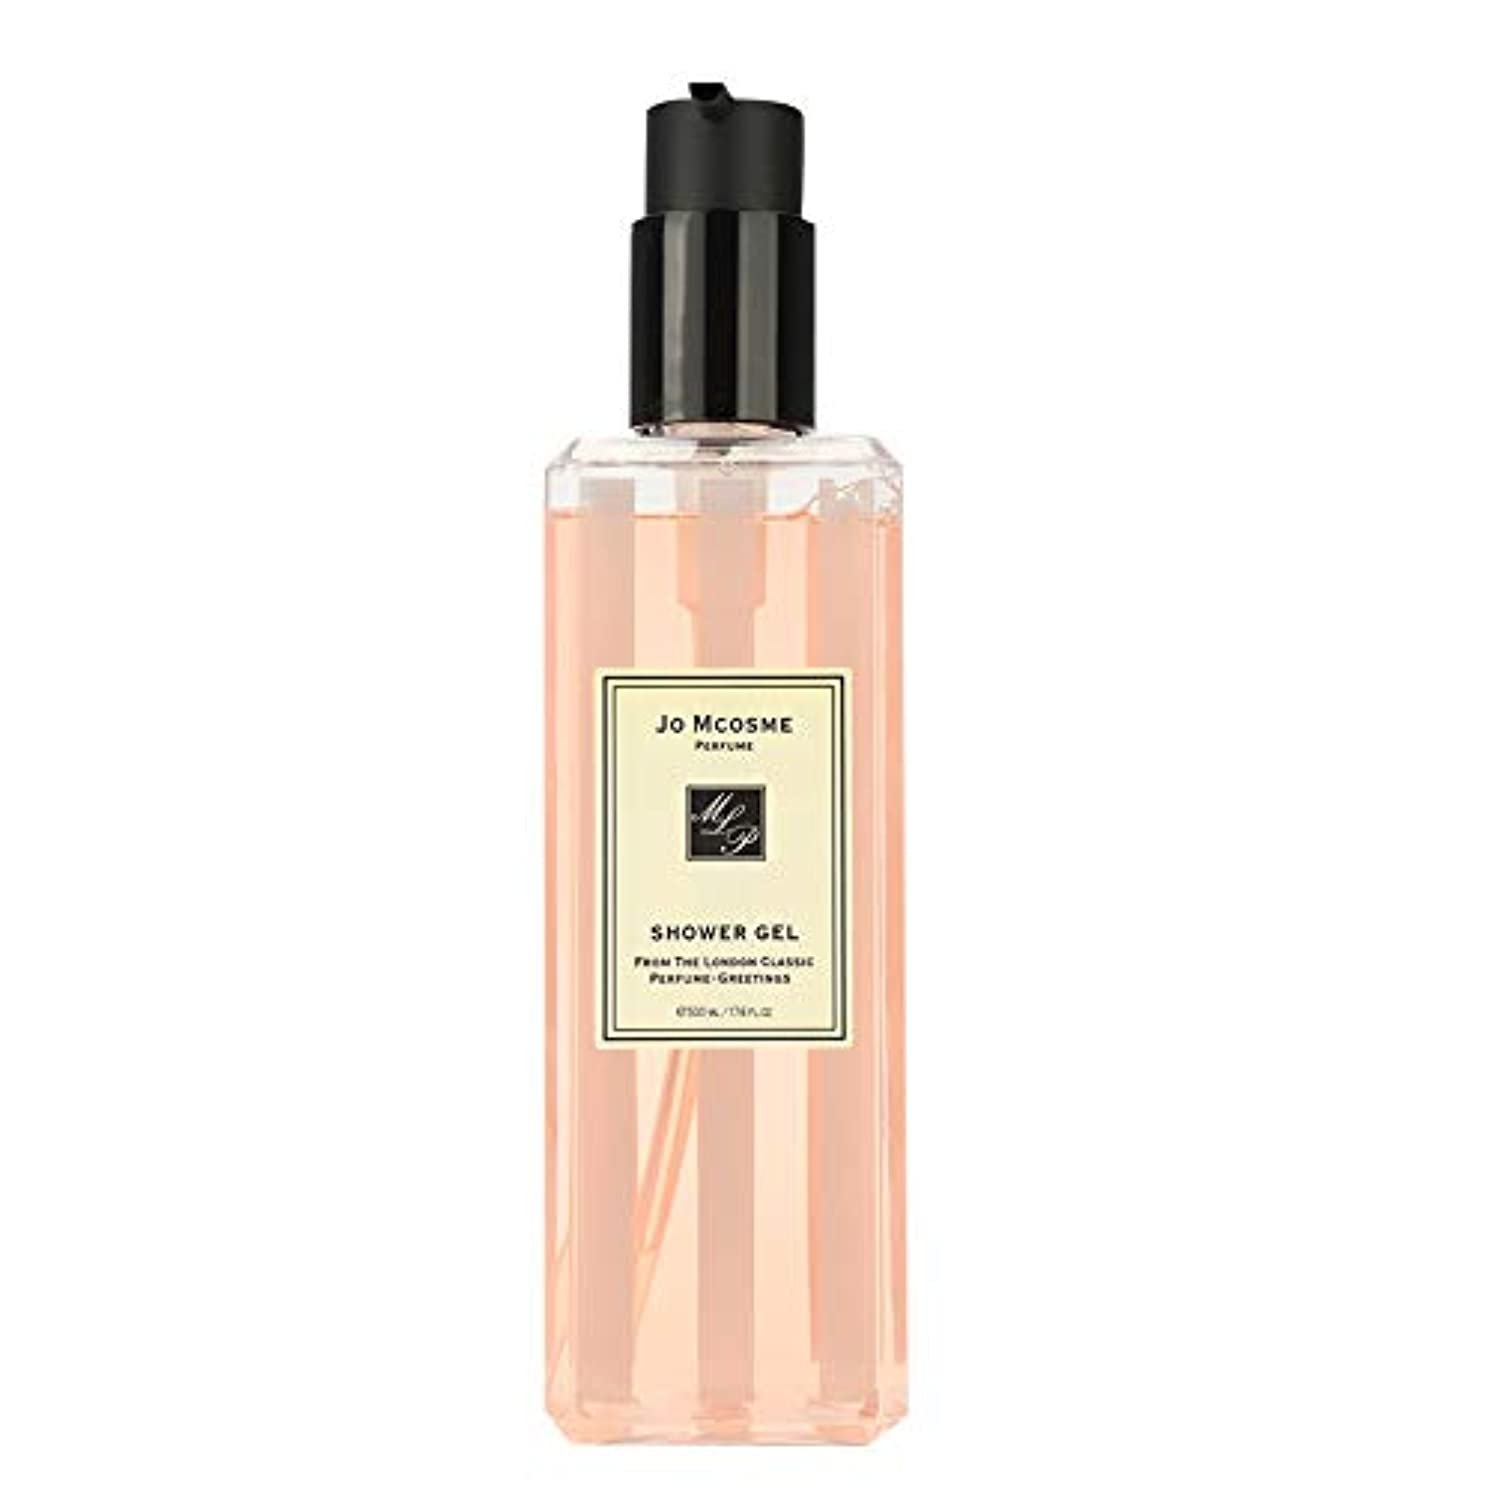 周術期植生変形シャワージェル500lmスキンケア香水シャワージェルスムージングボディウォッシュハイドレイティングテンダースキンシャンプー